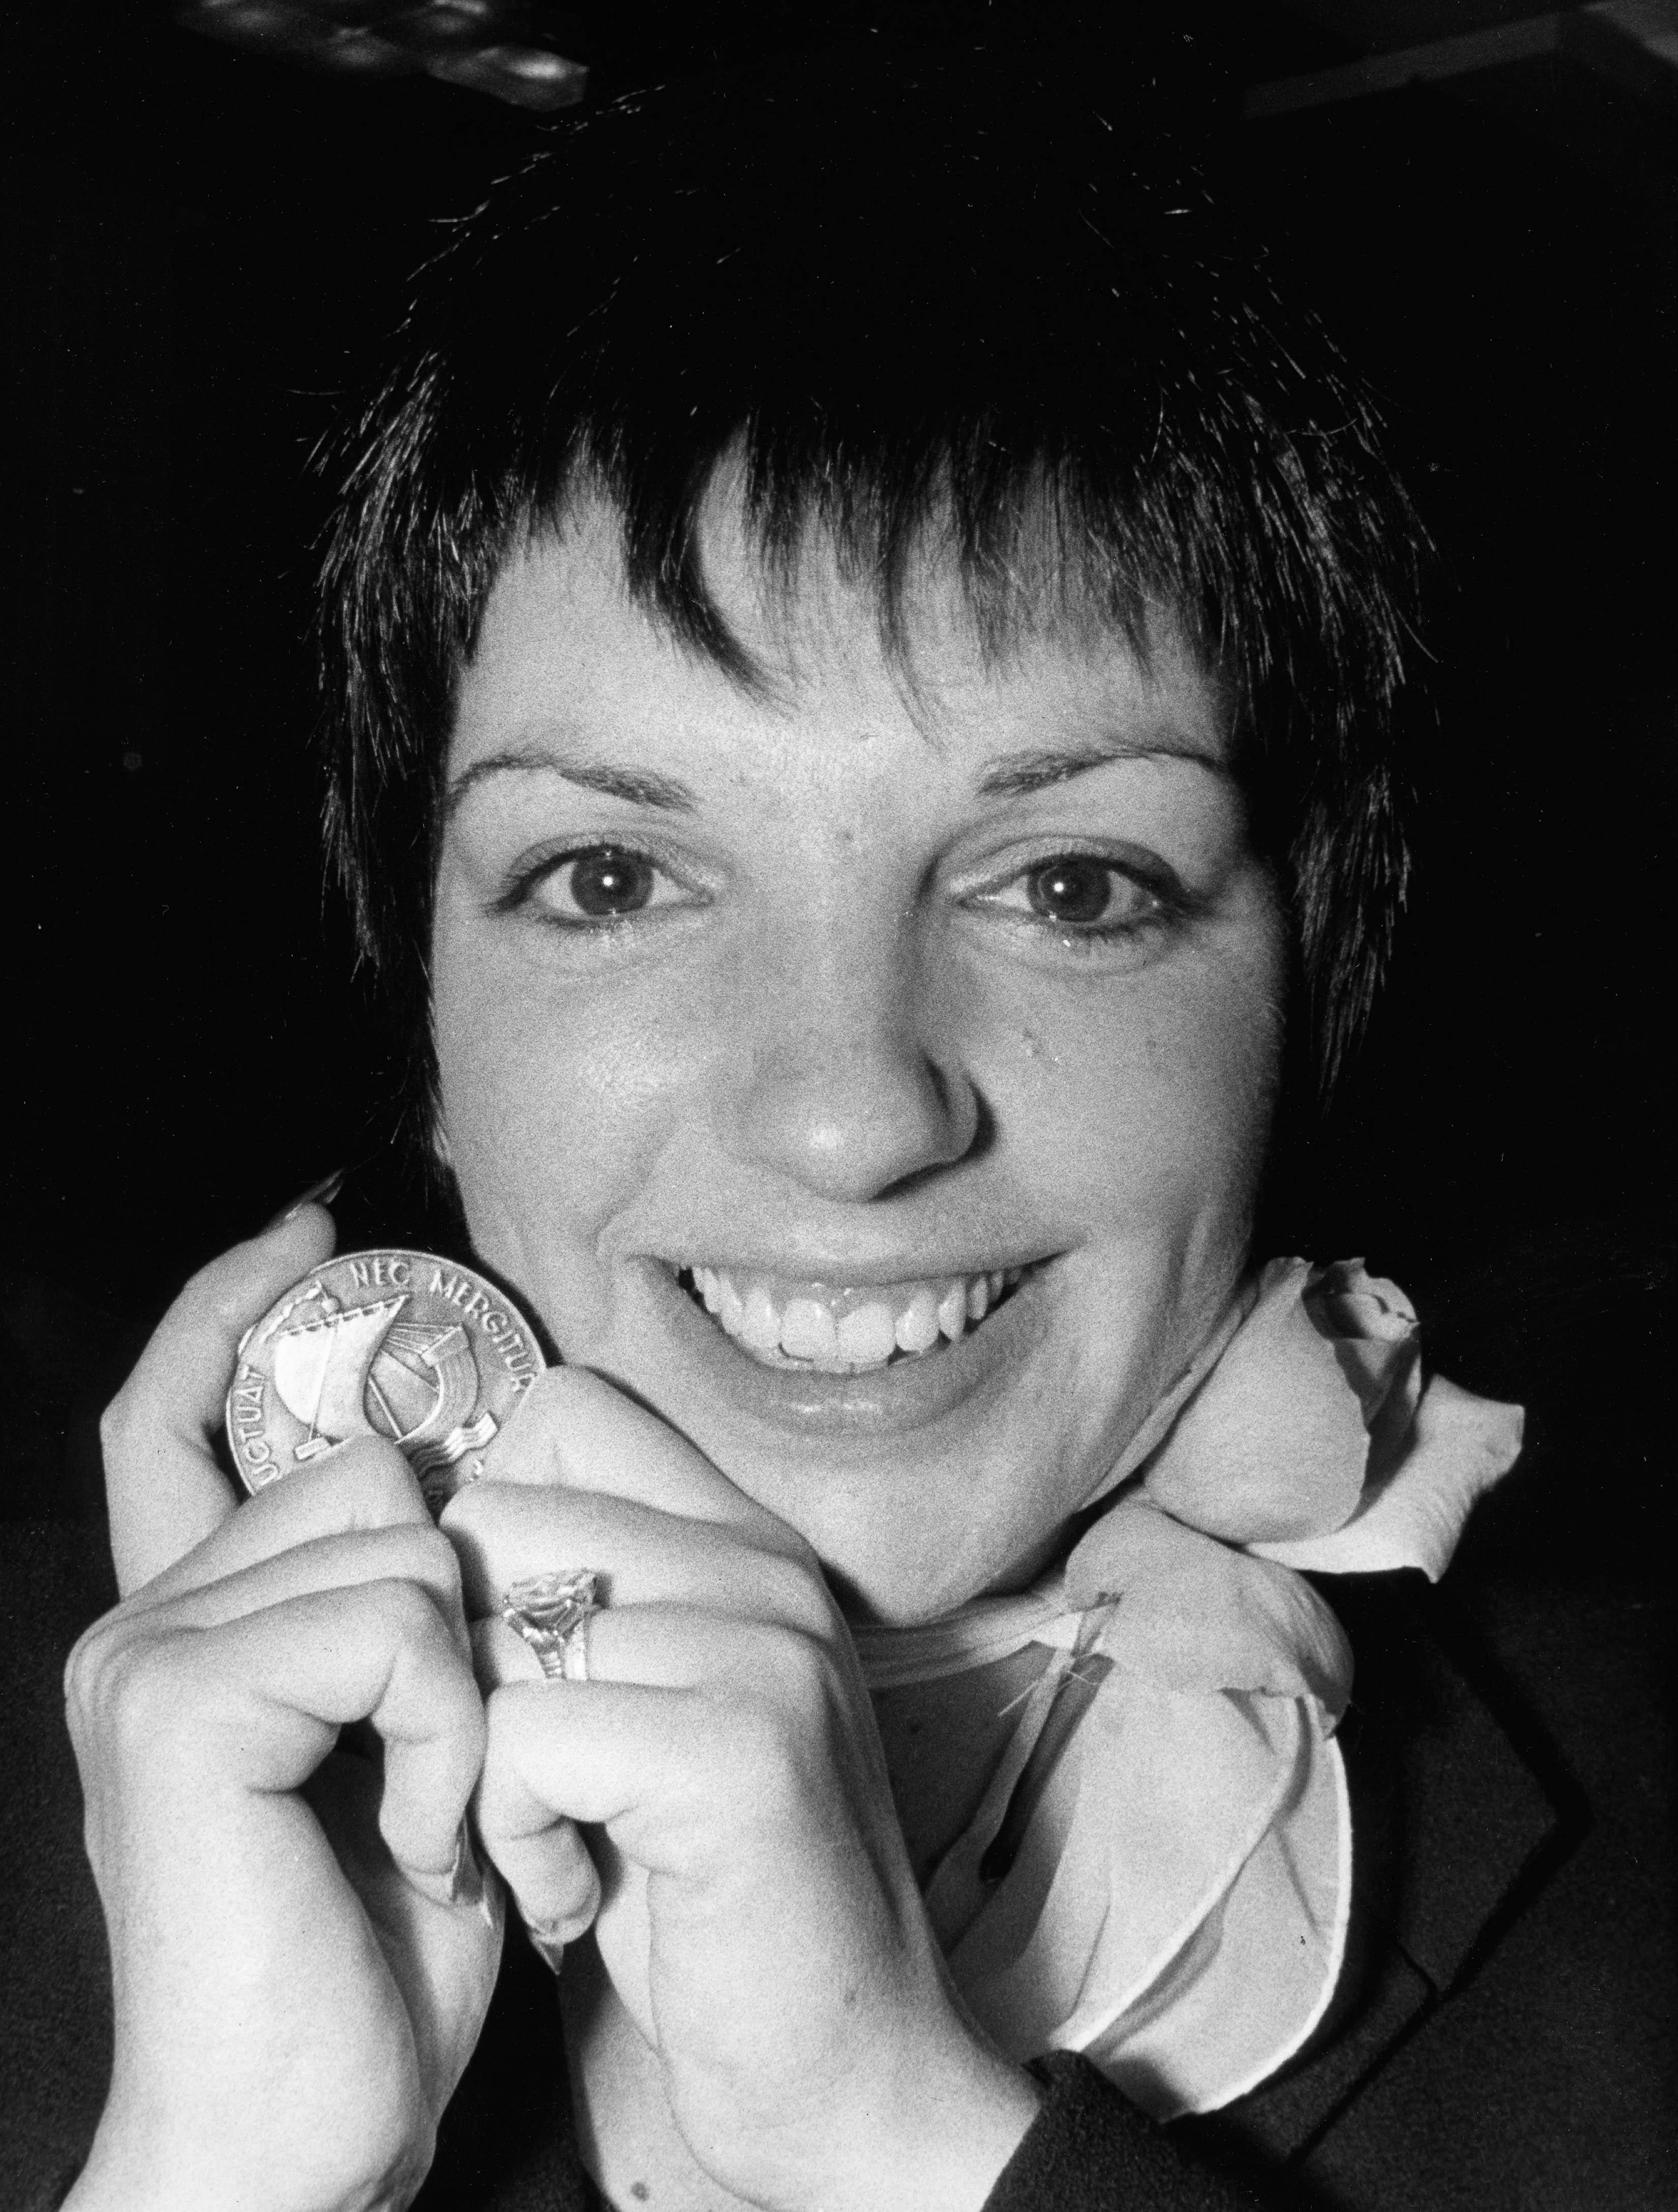 Singer Liza Minnelli